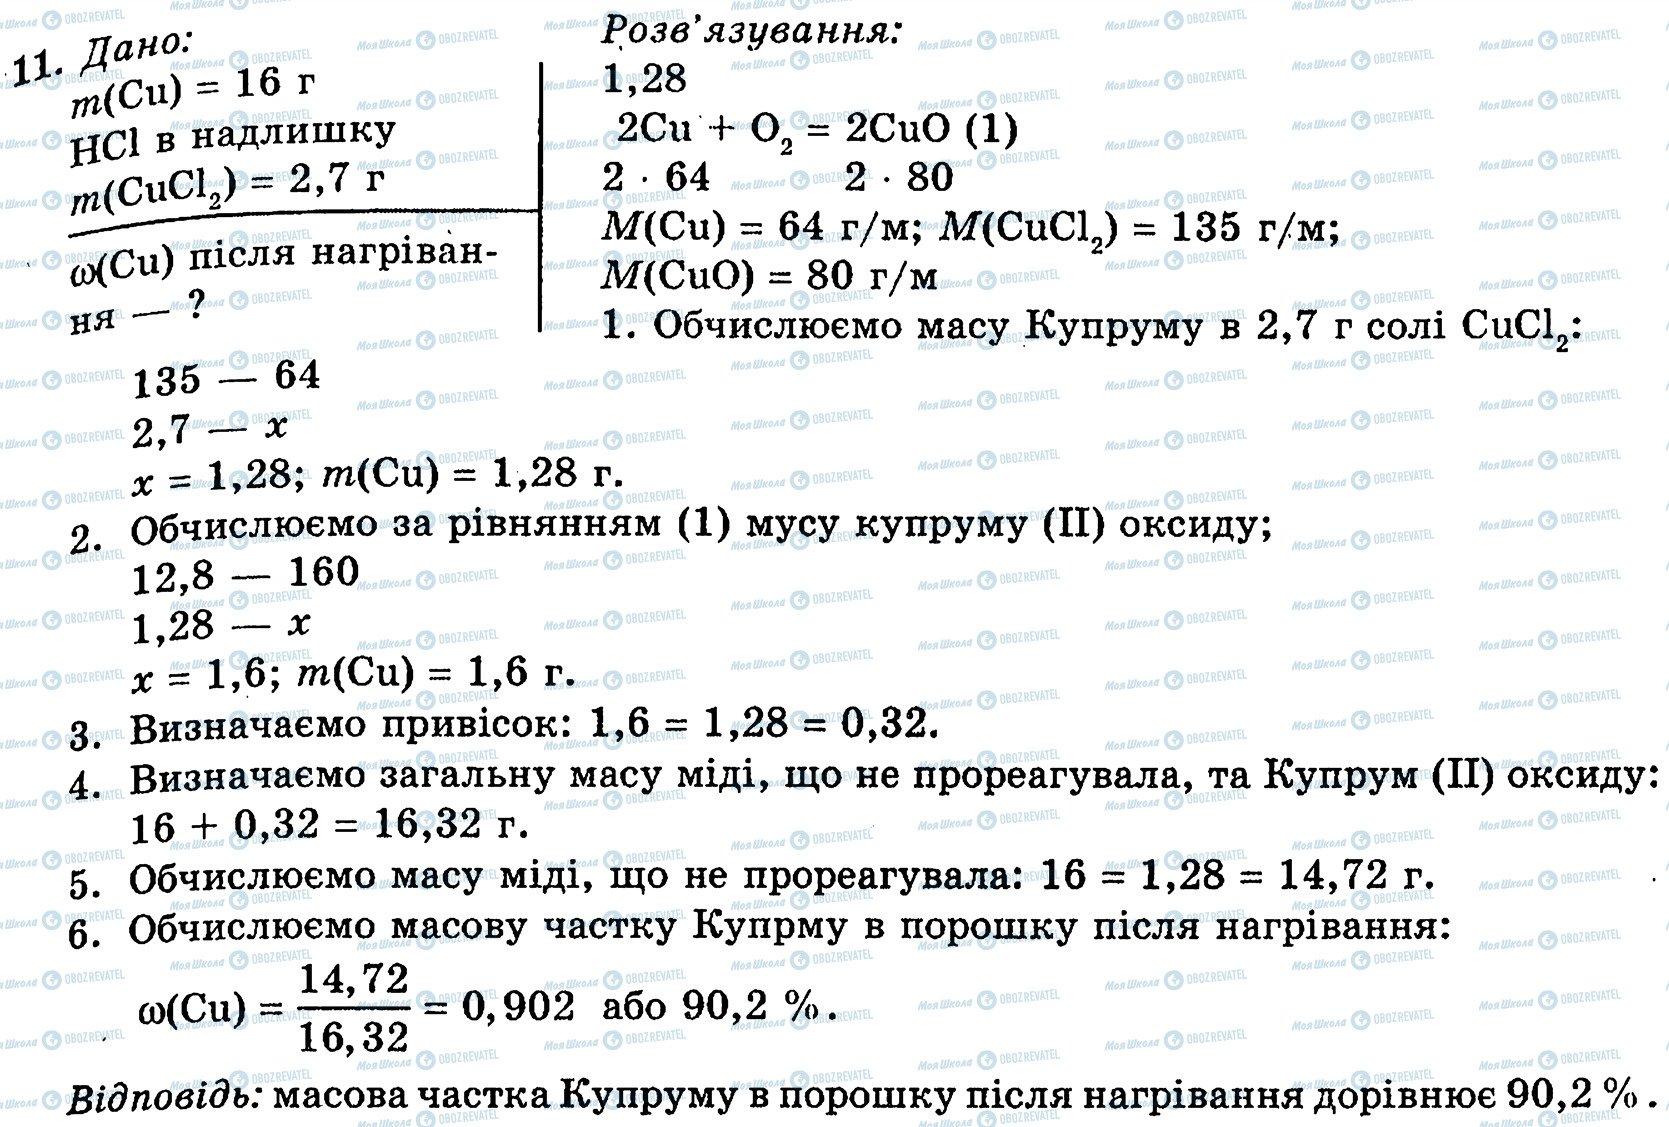 ГДЗ Хімія 10 клас сторінка 11